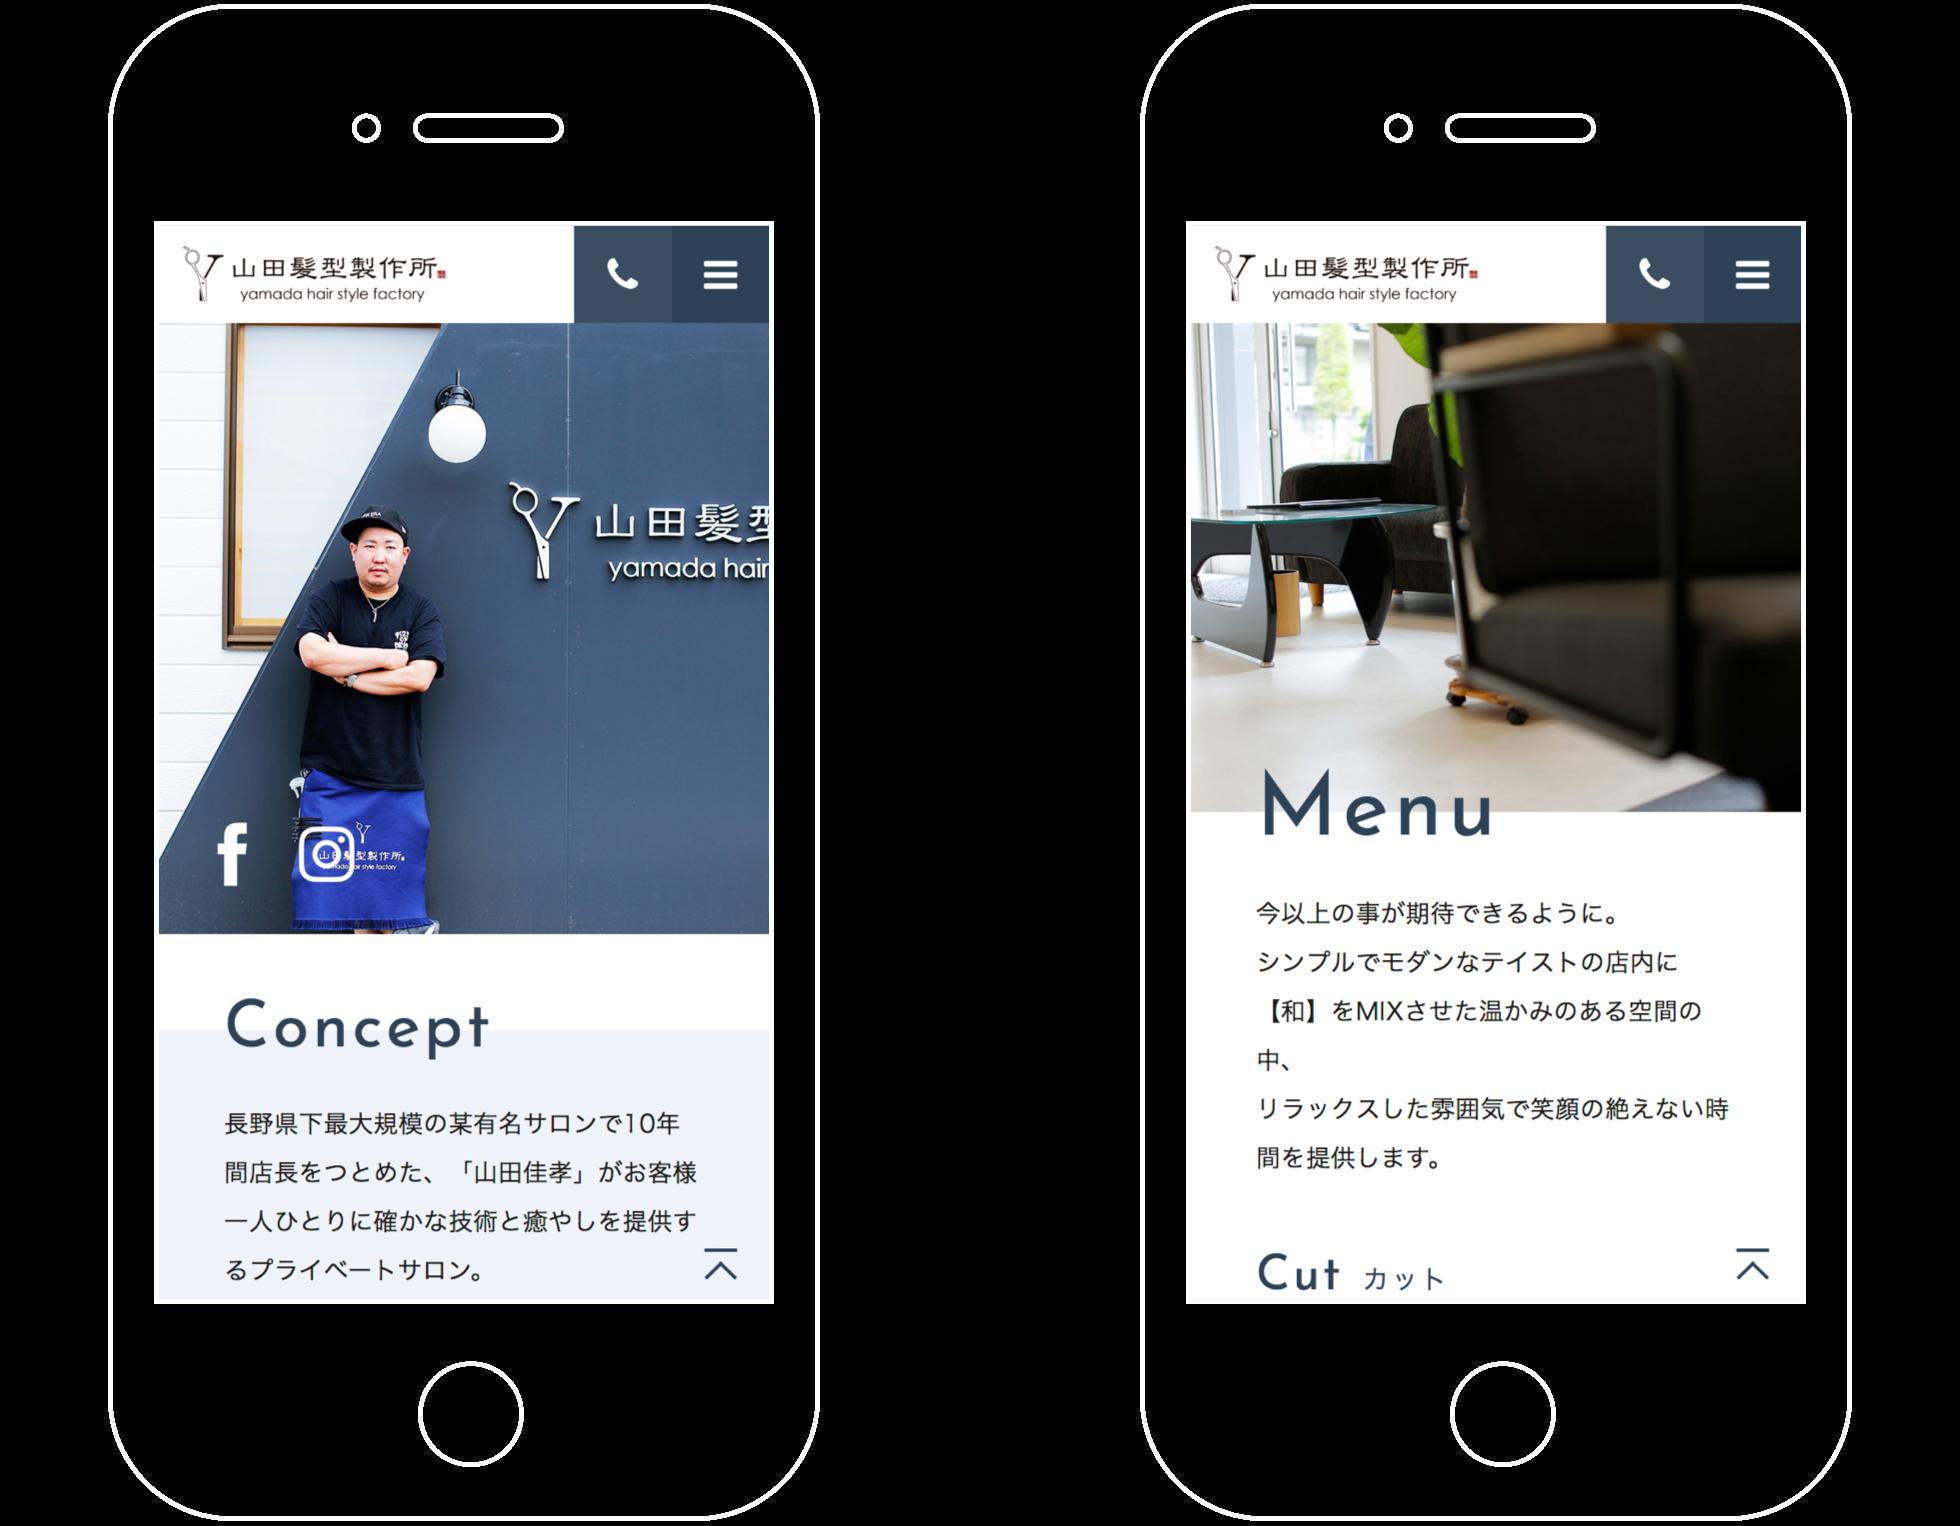 長野県の美容室・ヘアサロンのホームページのスマートフォン版のスクリーンショット